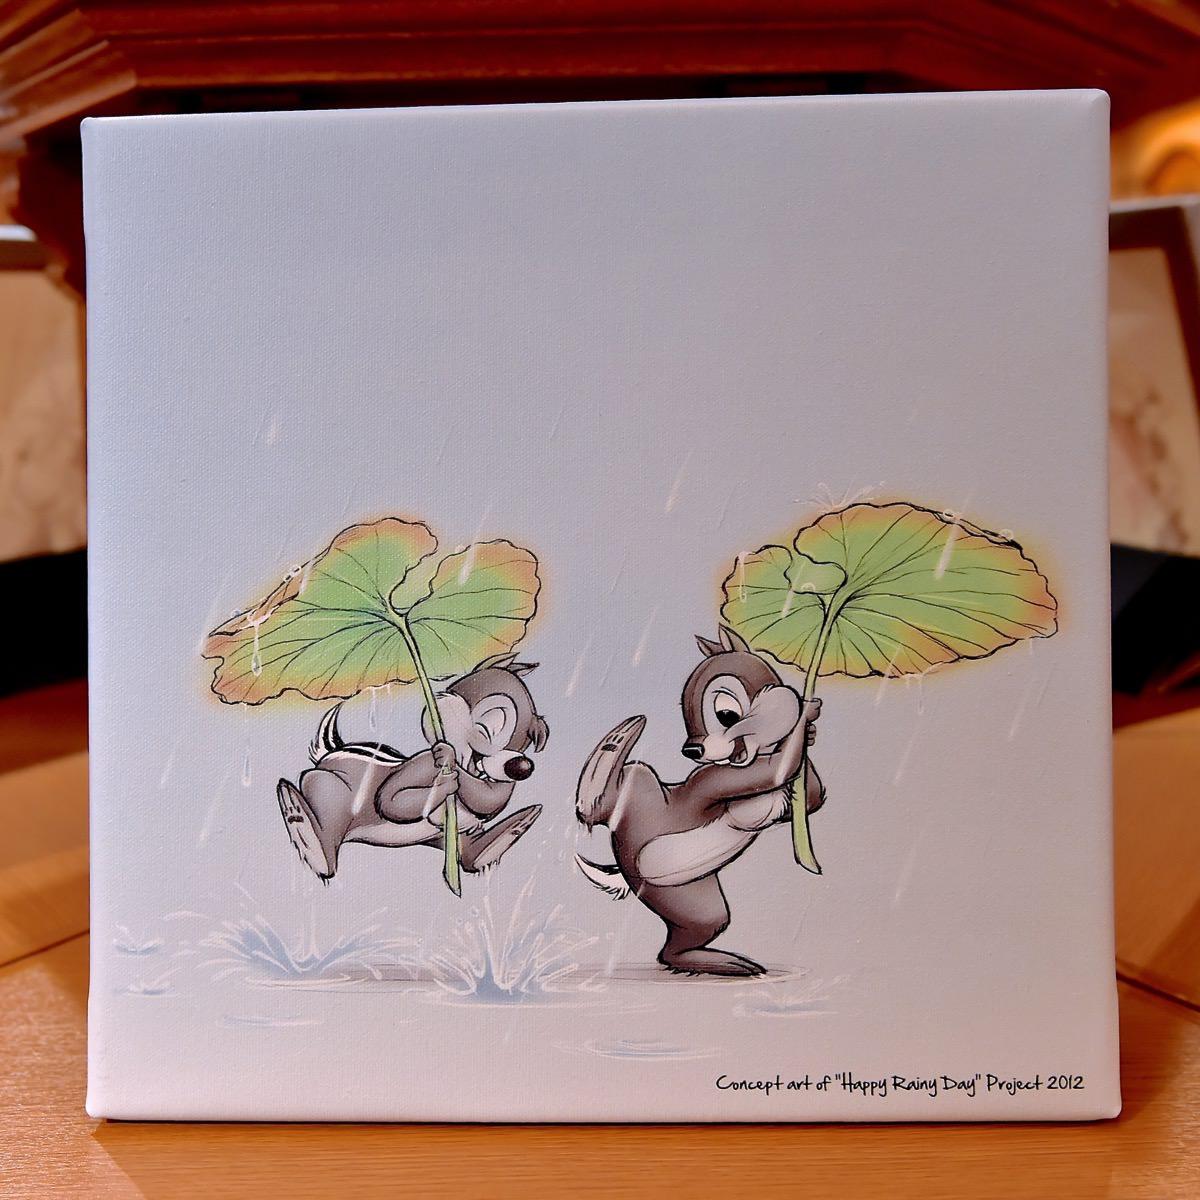 チップ&デール 蓮の葉 雨